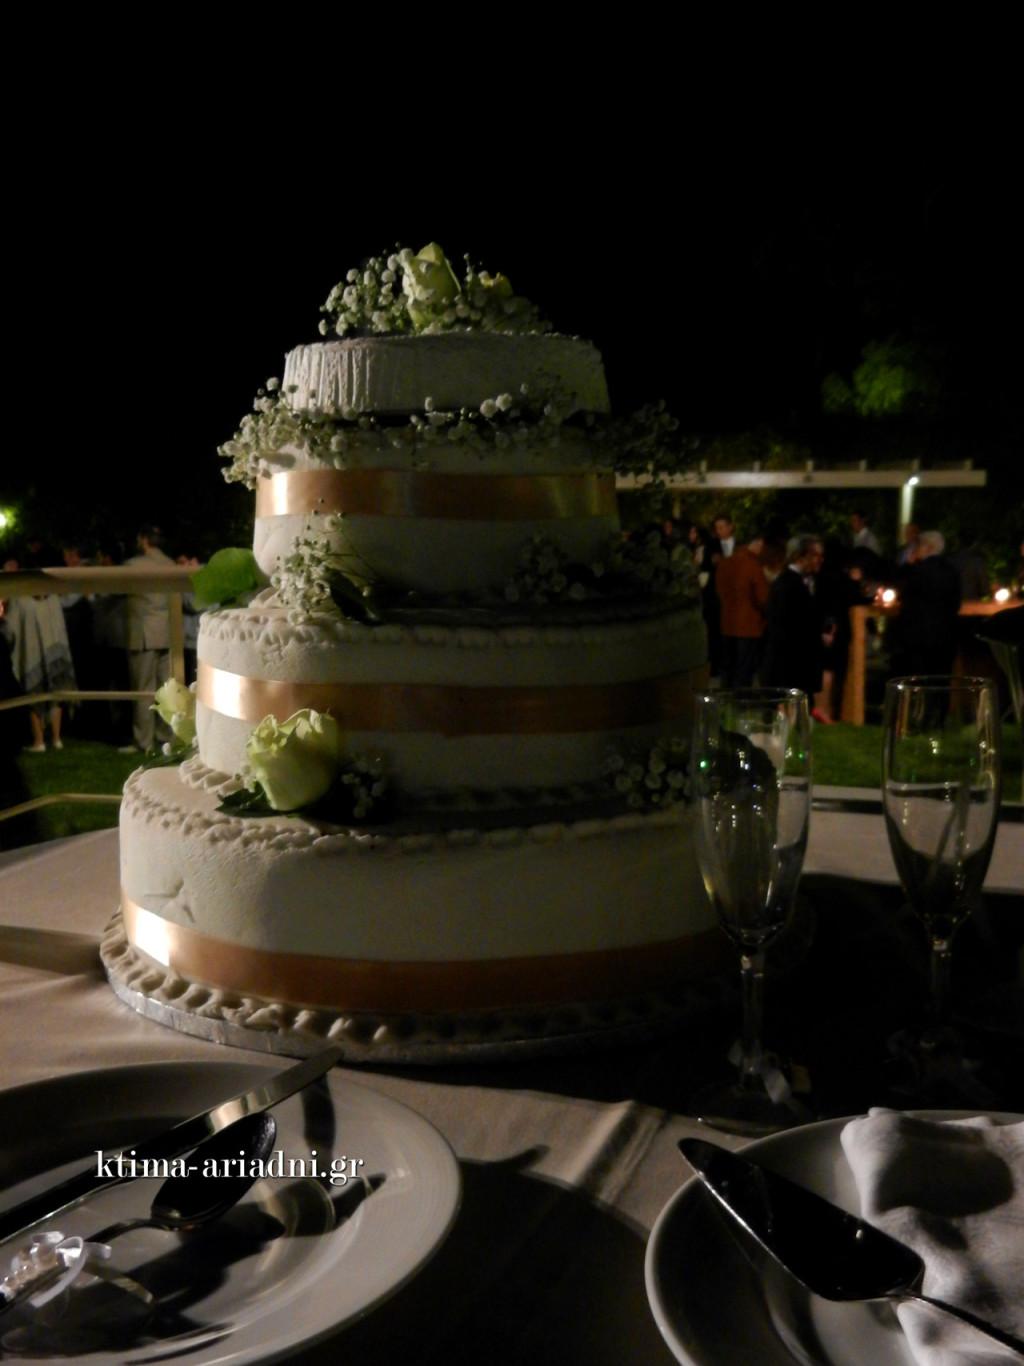 Η γαμήλια τούρτα πάνω στο γεφυράκι, λίγο πριν μεταφερθεί στην αίθουσα, όπου έγινε τελικά η είσοδος του ζευγαριού